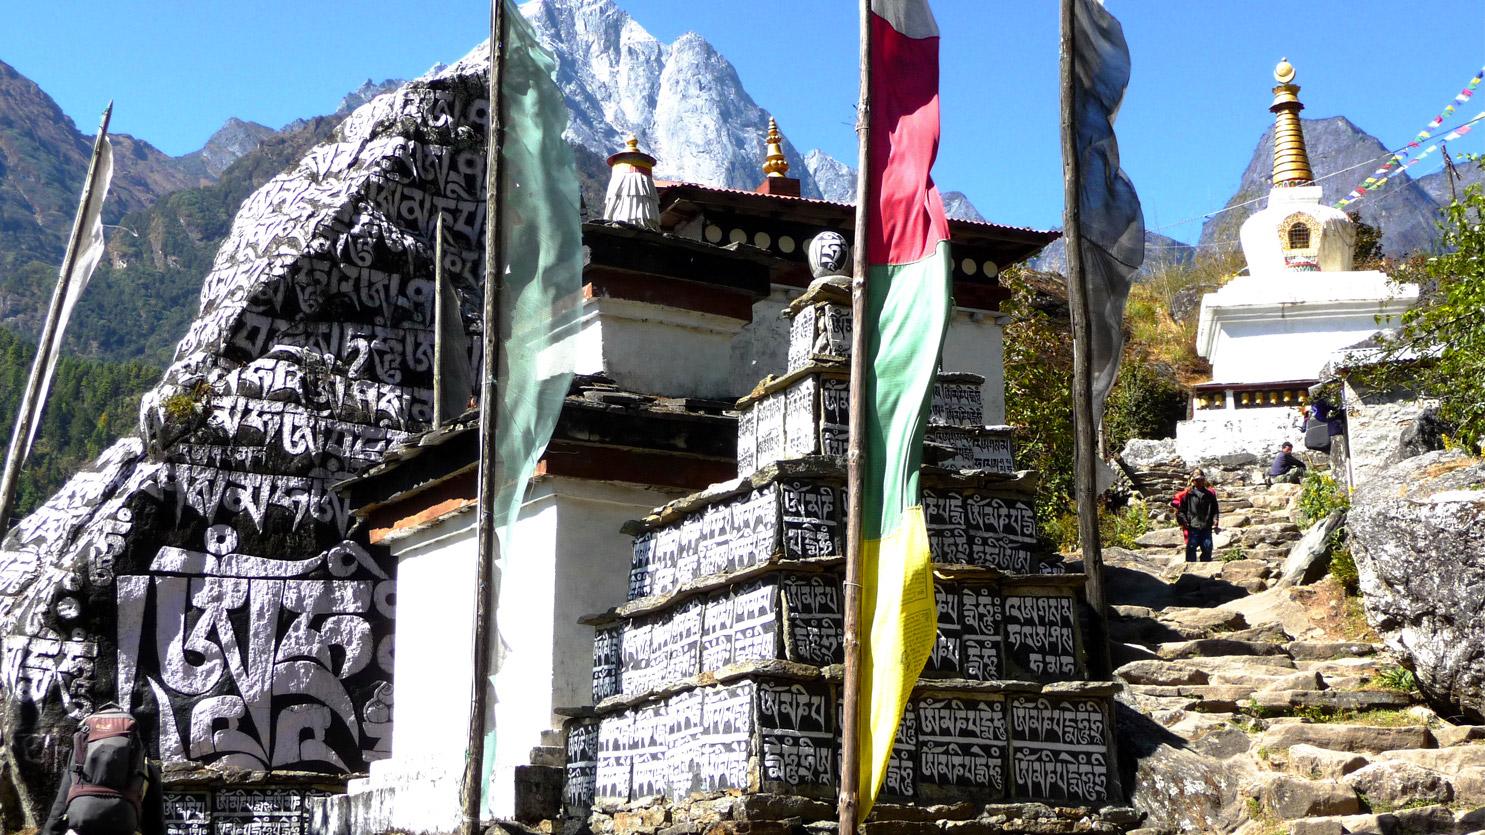 Mur de Manis au dessus de Lukla. Parc national de Sagarmatha